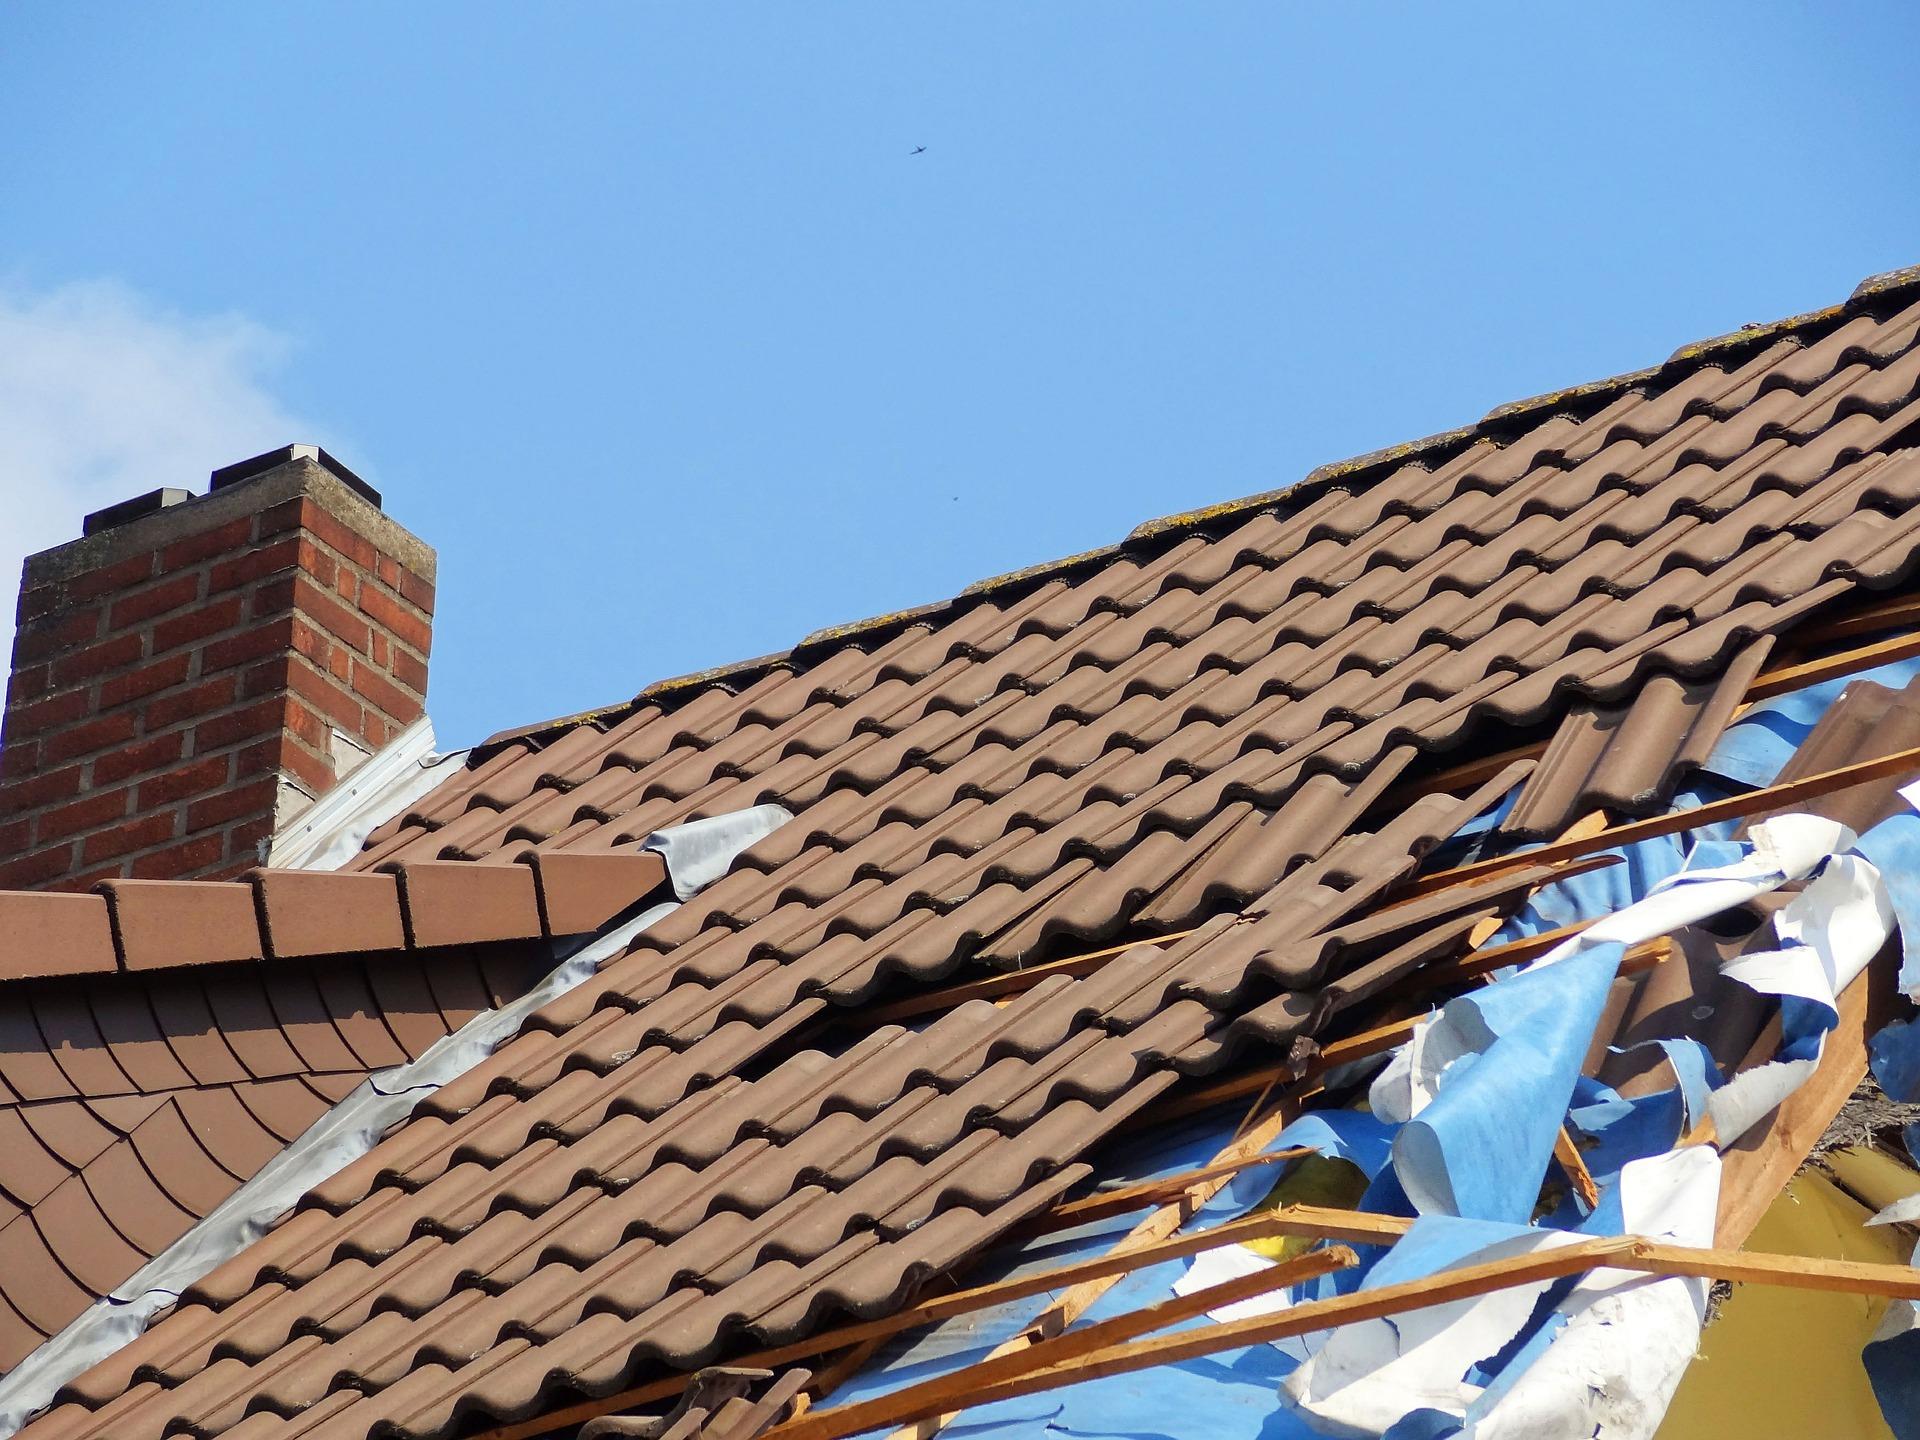 Haus Dach Schaden Sturm Foto Jan-Mallander